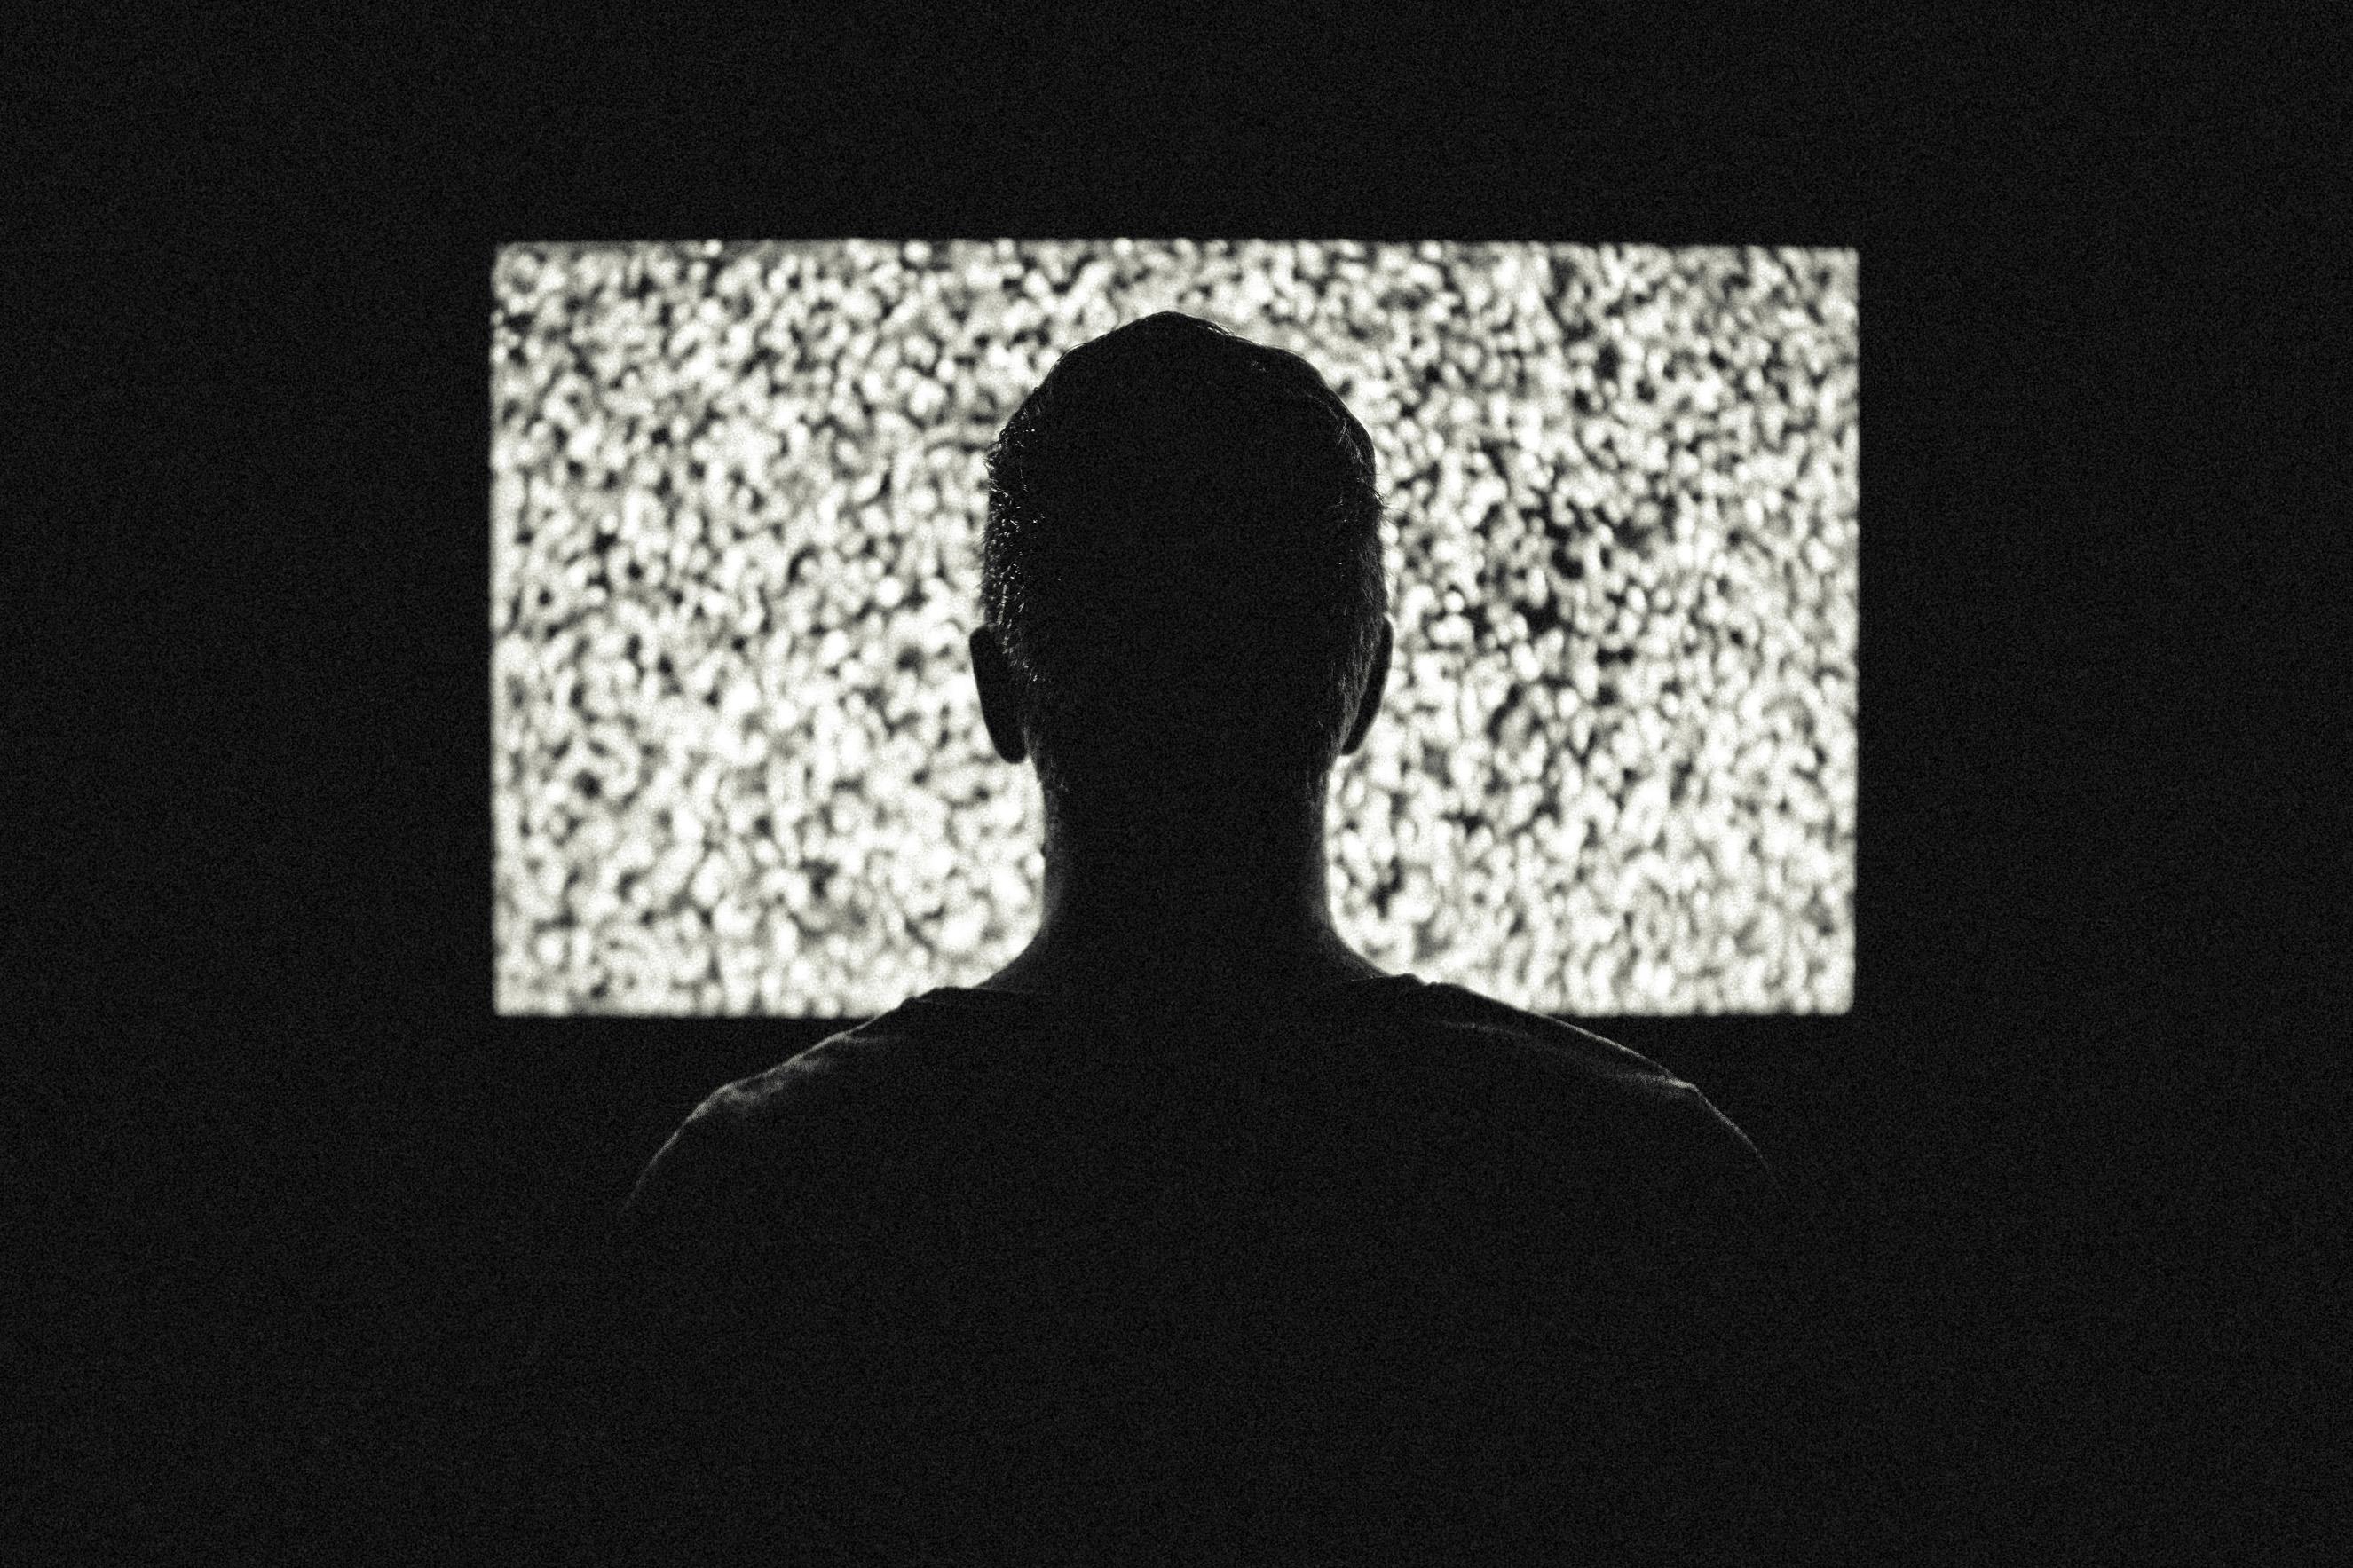 Prieskum odhalil názory Slovákov: Ktorá televízia má najobjektívnejšie spravodajstvo?